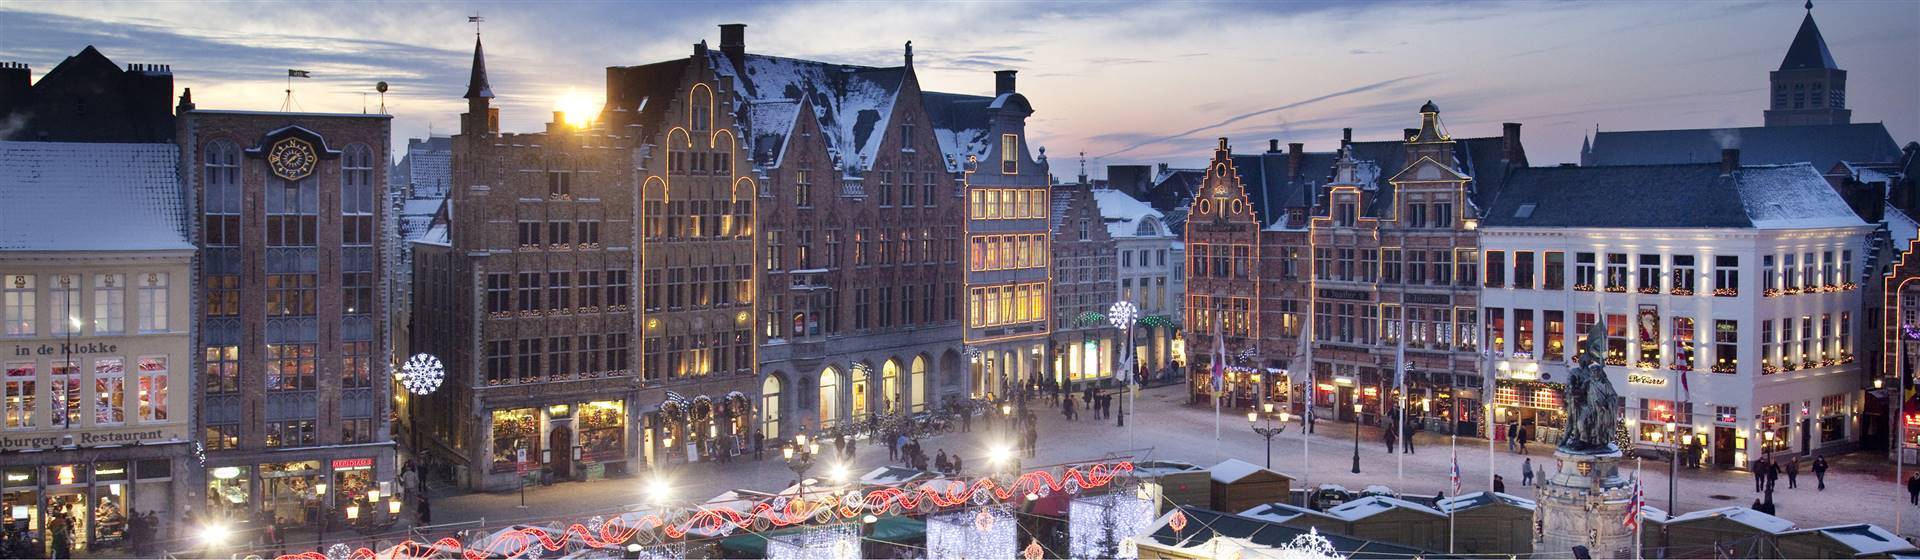 Medieval Bruges Christmas Market